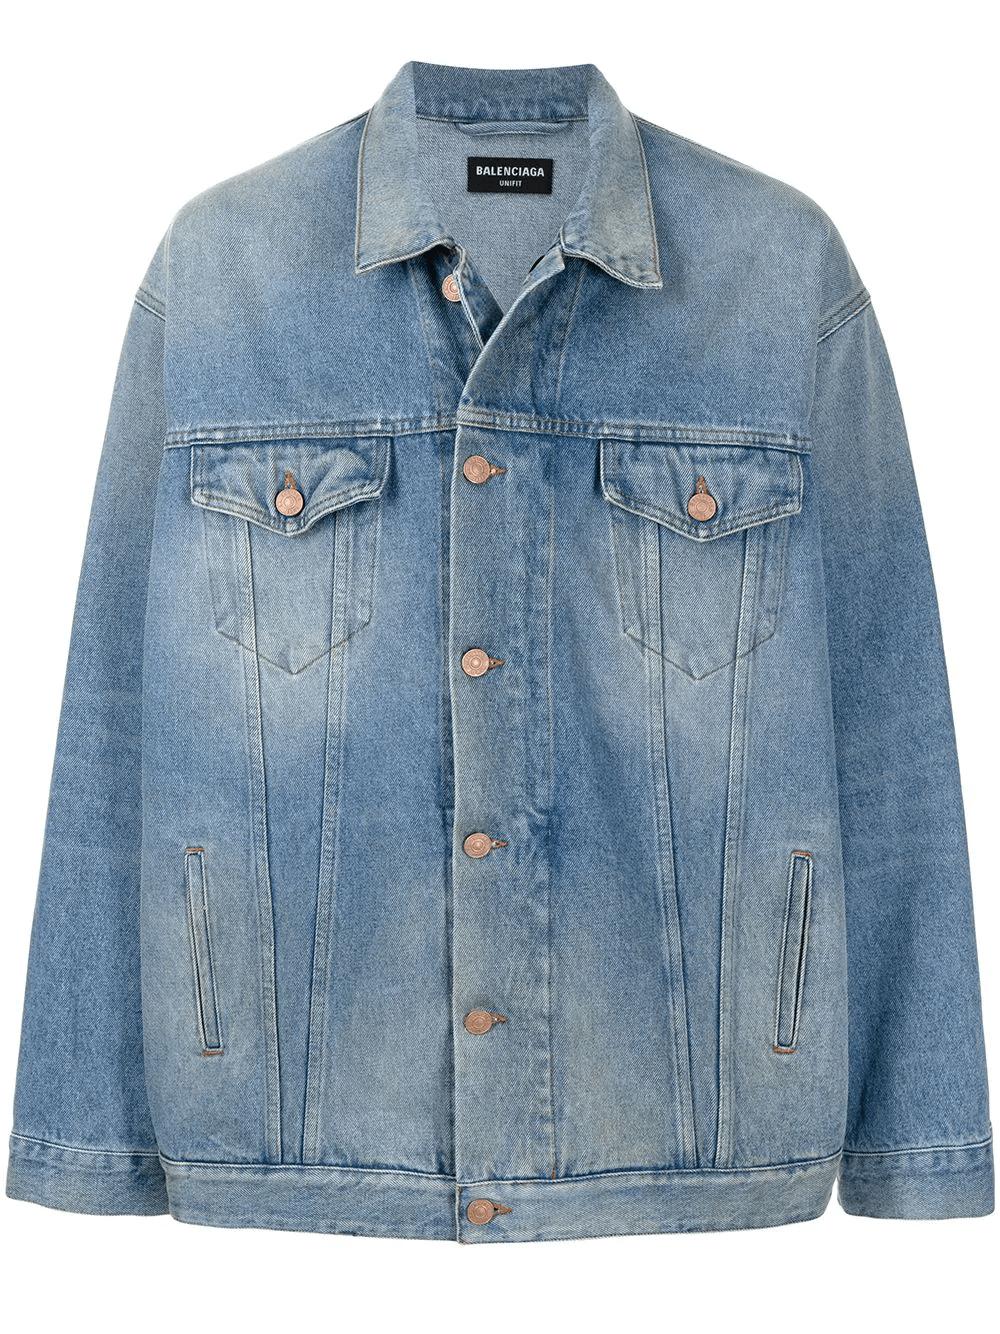 Бомберы, косухи и джинсовые куртки. В чем встречать майские вечера